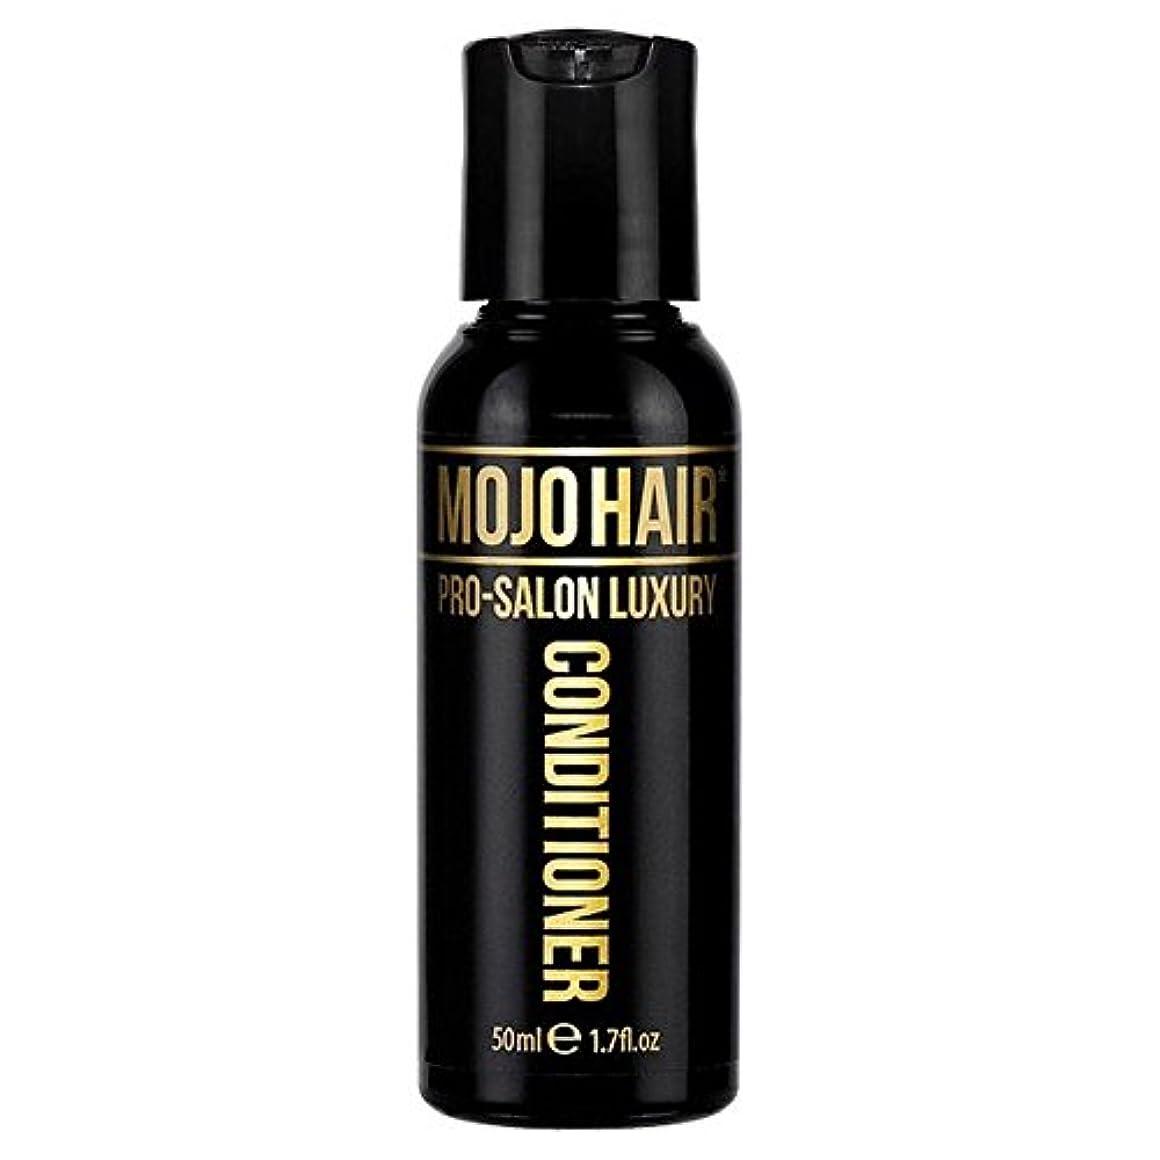 気になる予言する物足りない男性のためのモジョの毛プロのサロンの贅沢な香りコンディショナー、トラベルサイズの50ミリリットル x4 - MOJO HAIR Pro-Salon Luxury Fragrance Conditioner for Men...